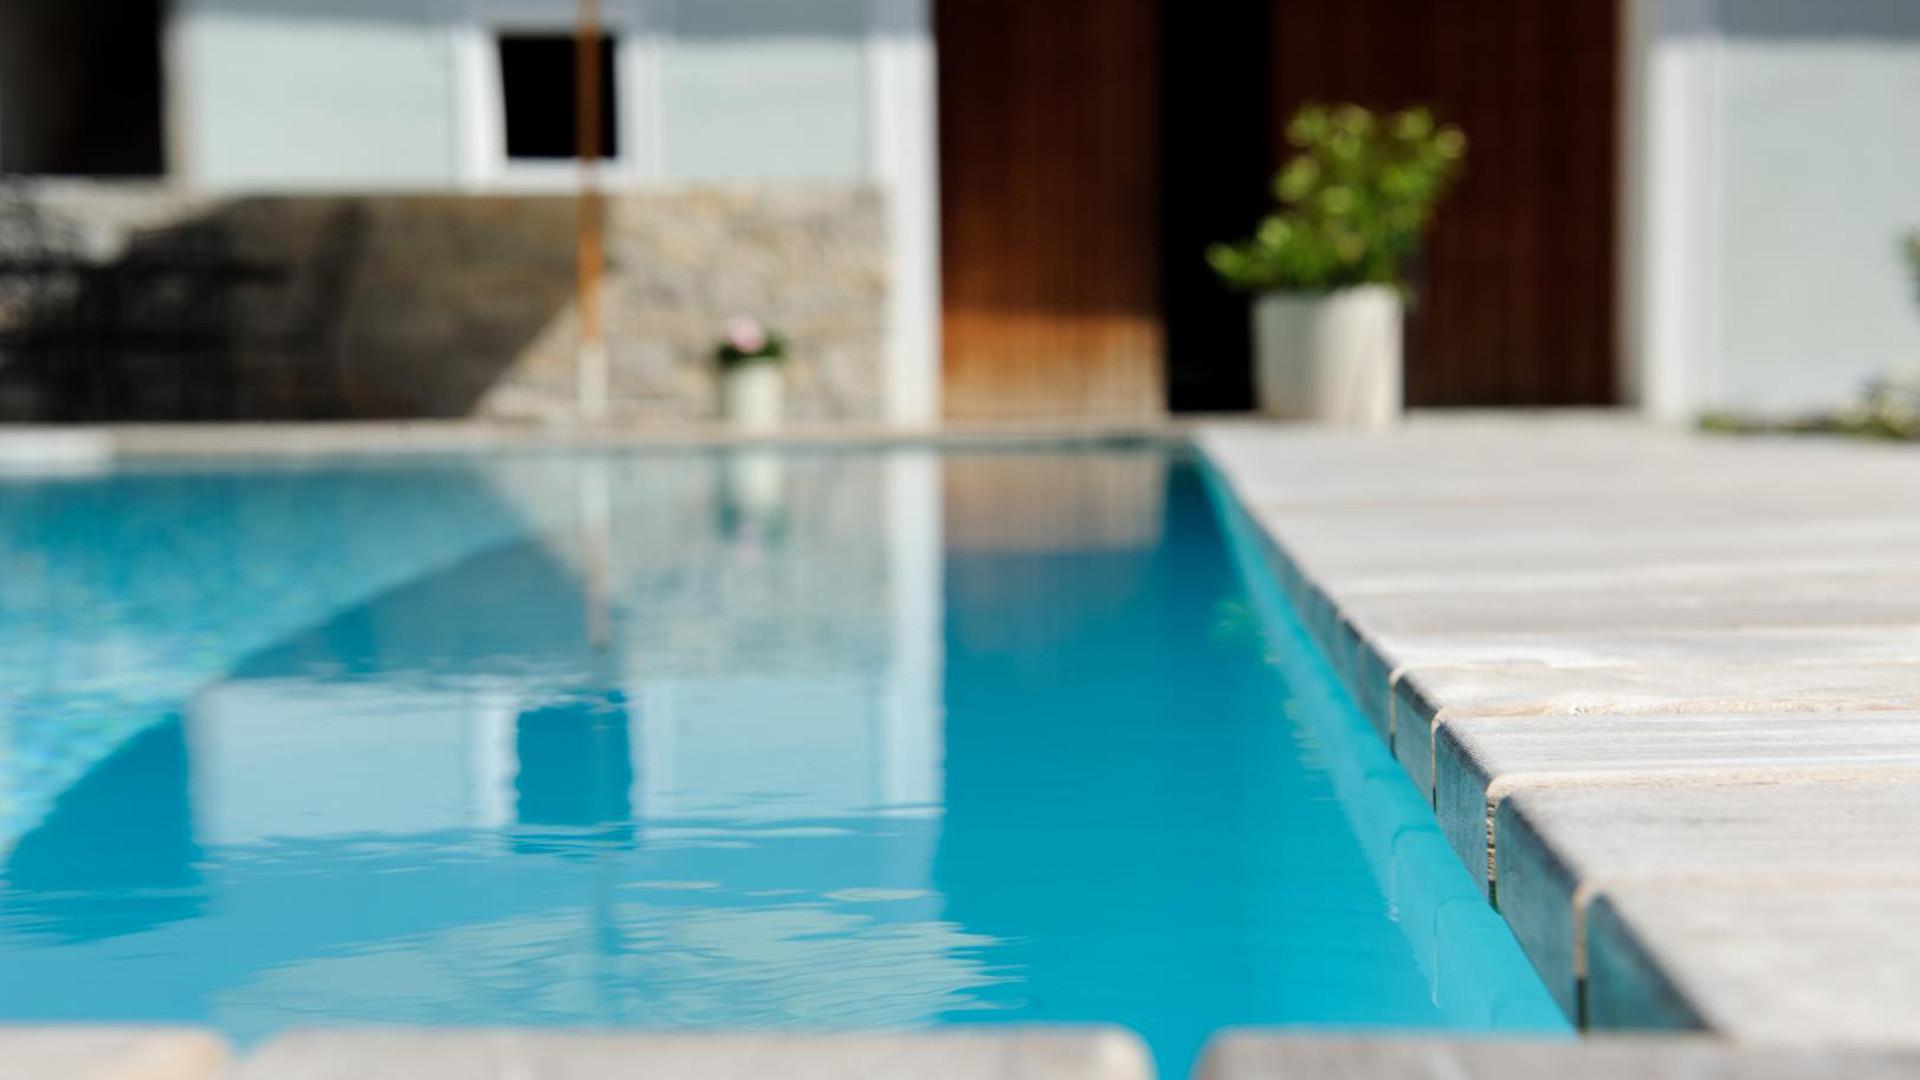 galerie | ipor – innovativer poolbau ritzberger